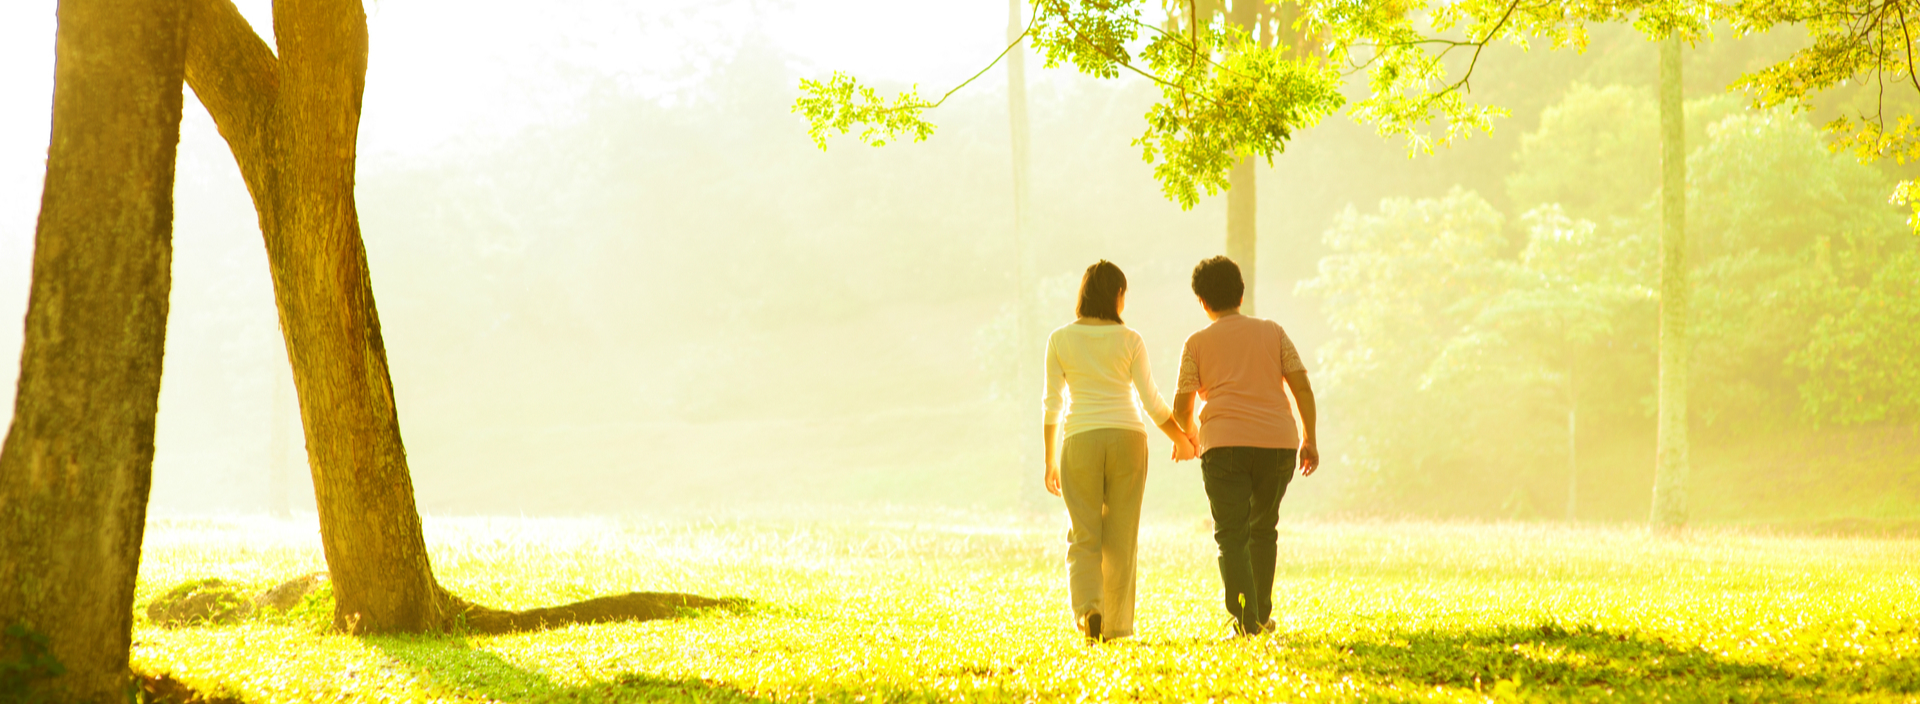 照顧父母也需要喘息 面對生命無常「沒把握,就好好把握」